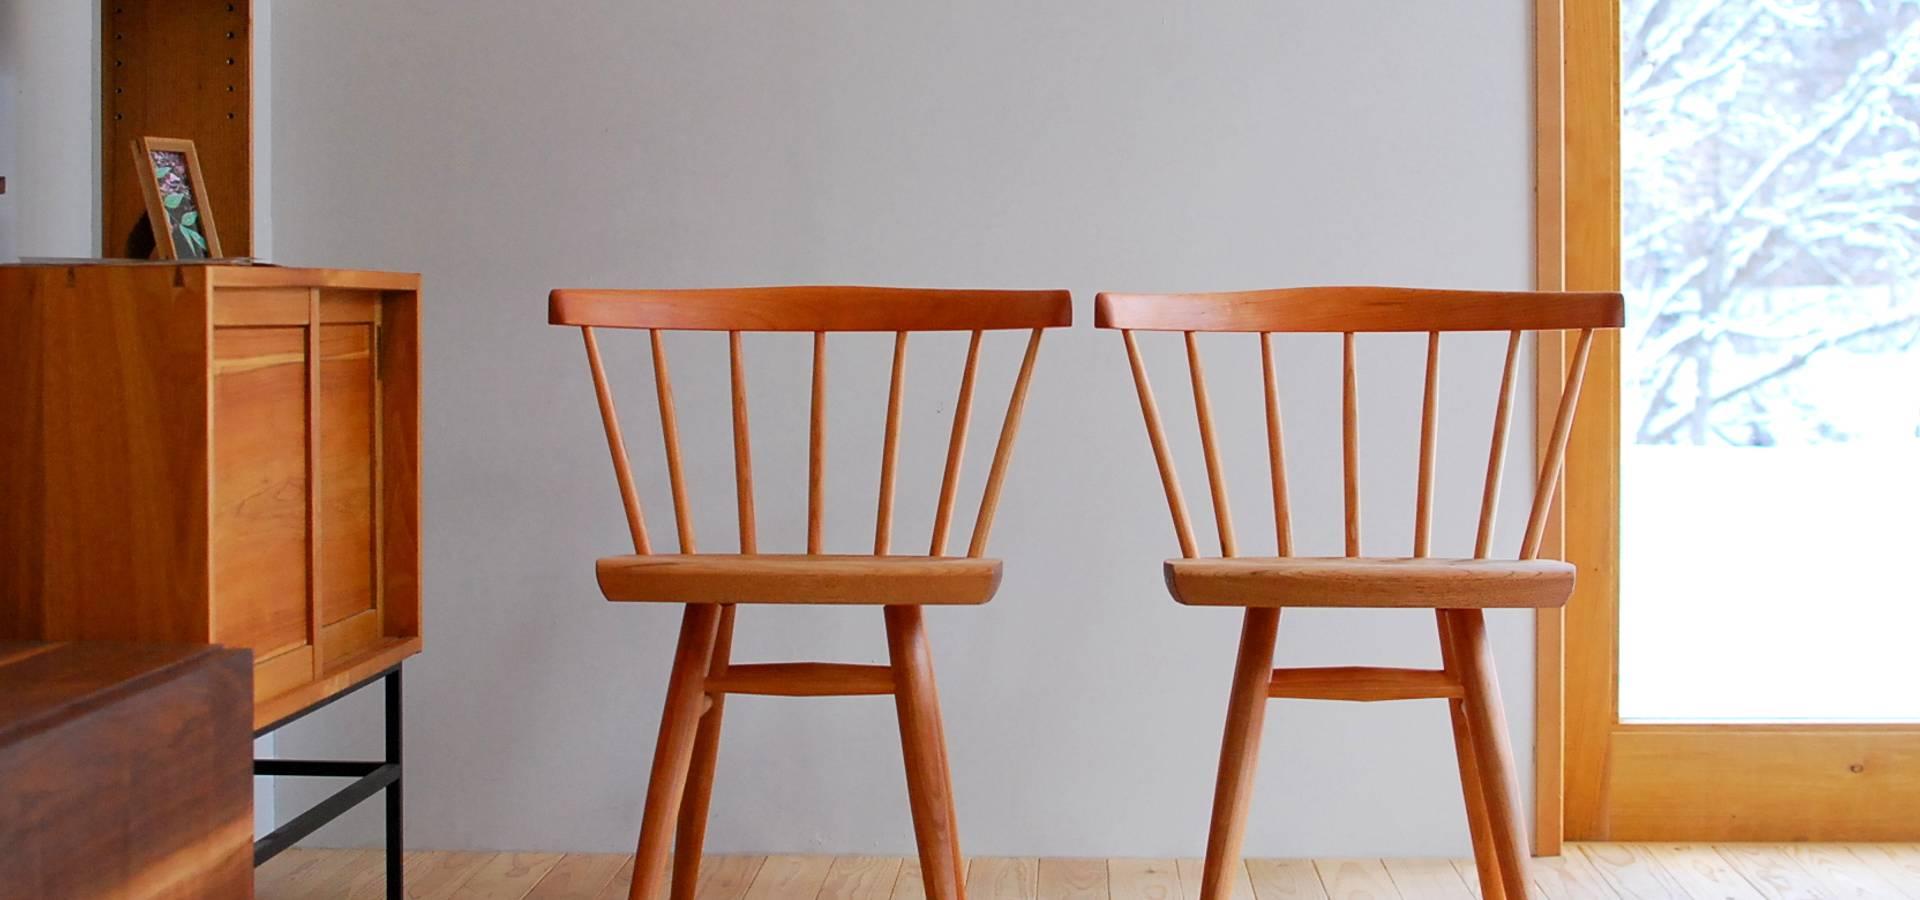 ishitani furniture projets. Black Bedroom Furniture Sets. Home Design Ideas